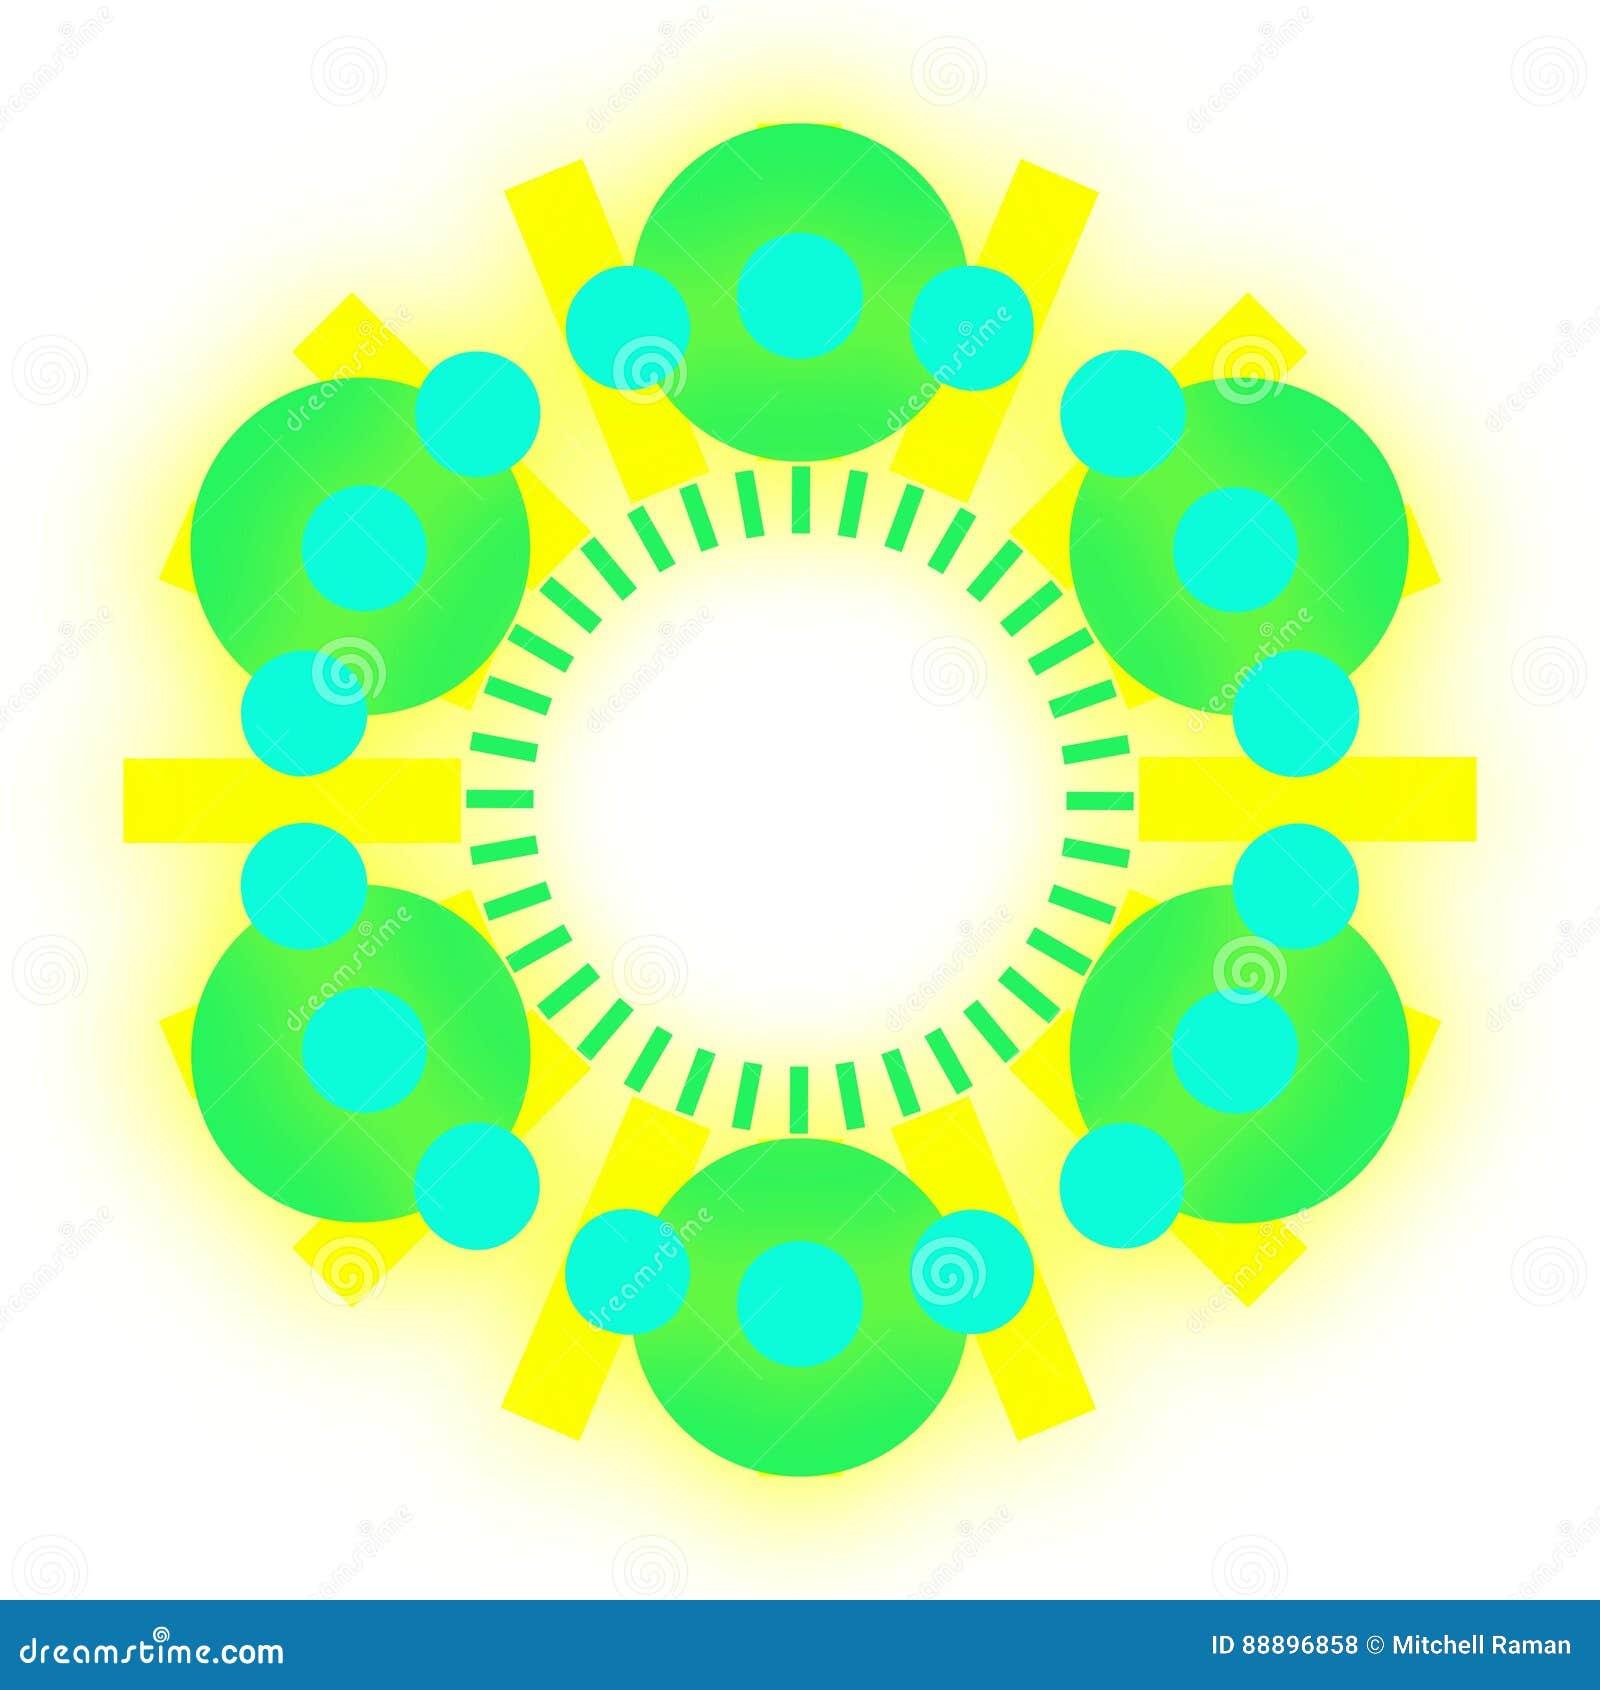 Bolas verdes e azuis em um vetor do círculo